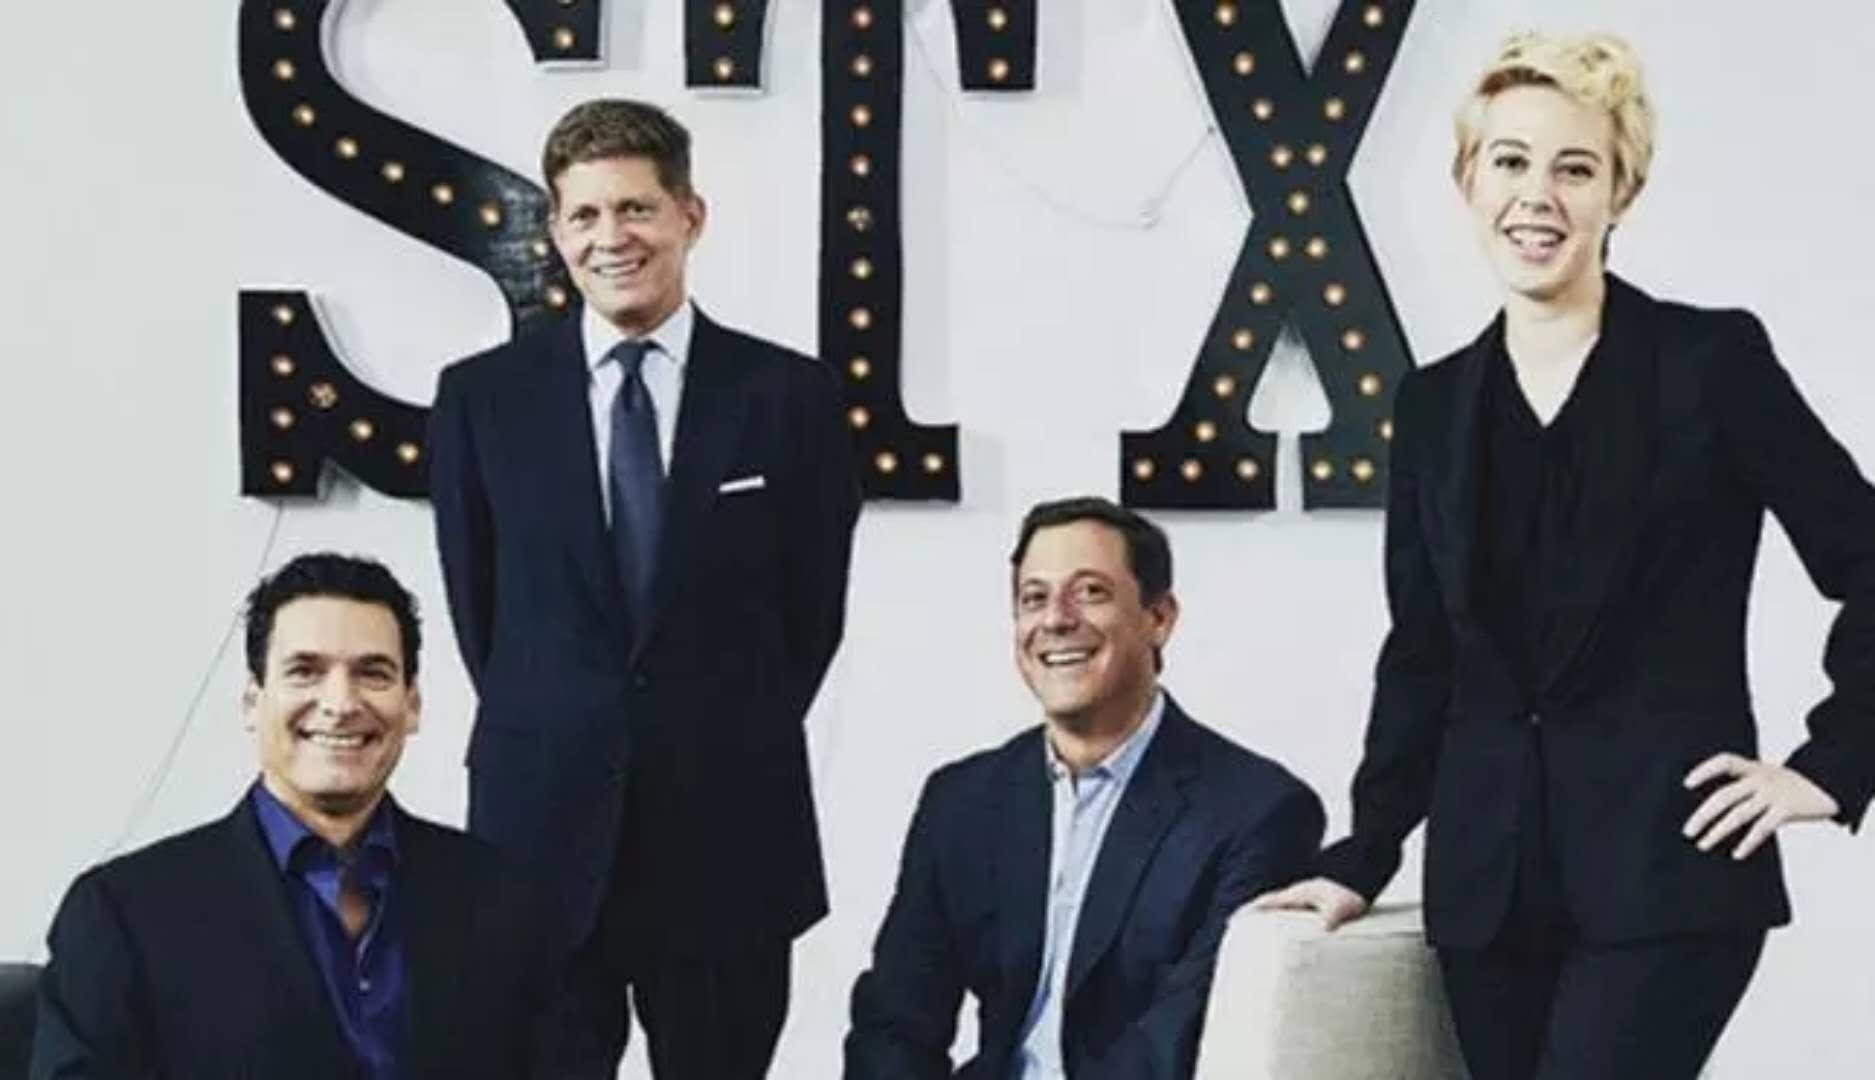 年亏15亿元的美国影视公司赴港IPO,它在中国资本圈左右逢源